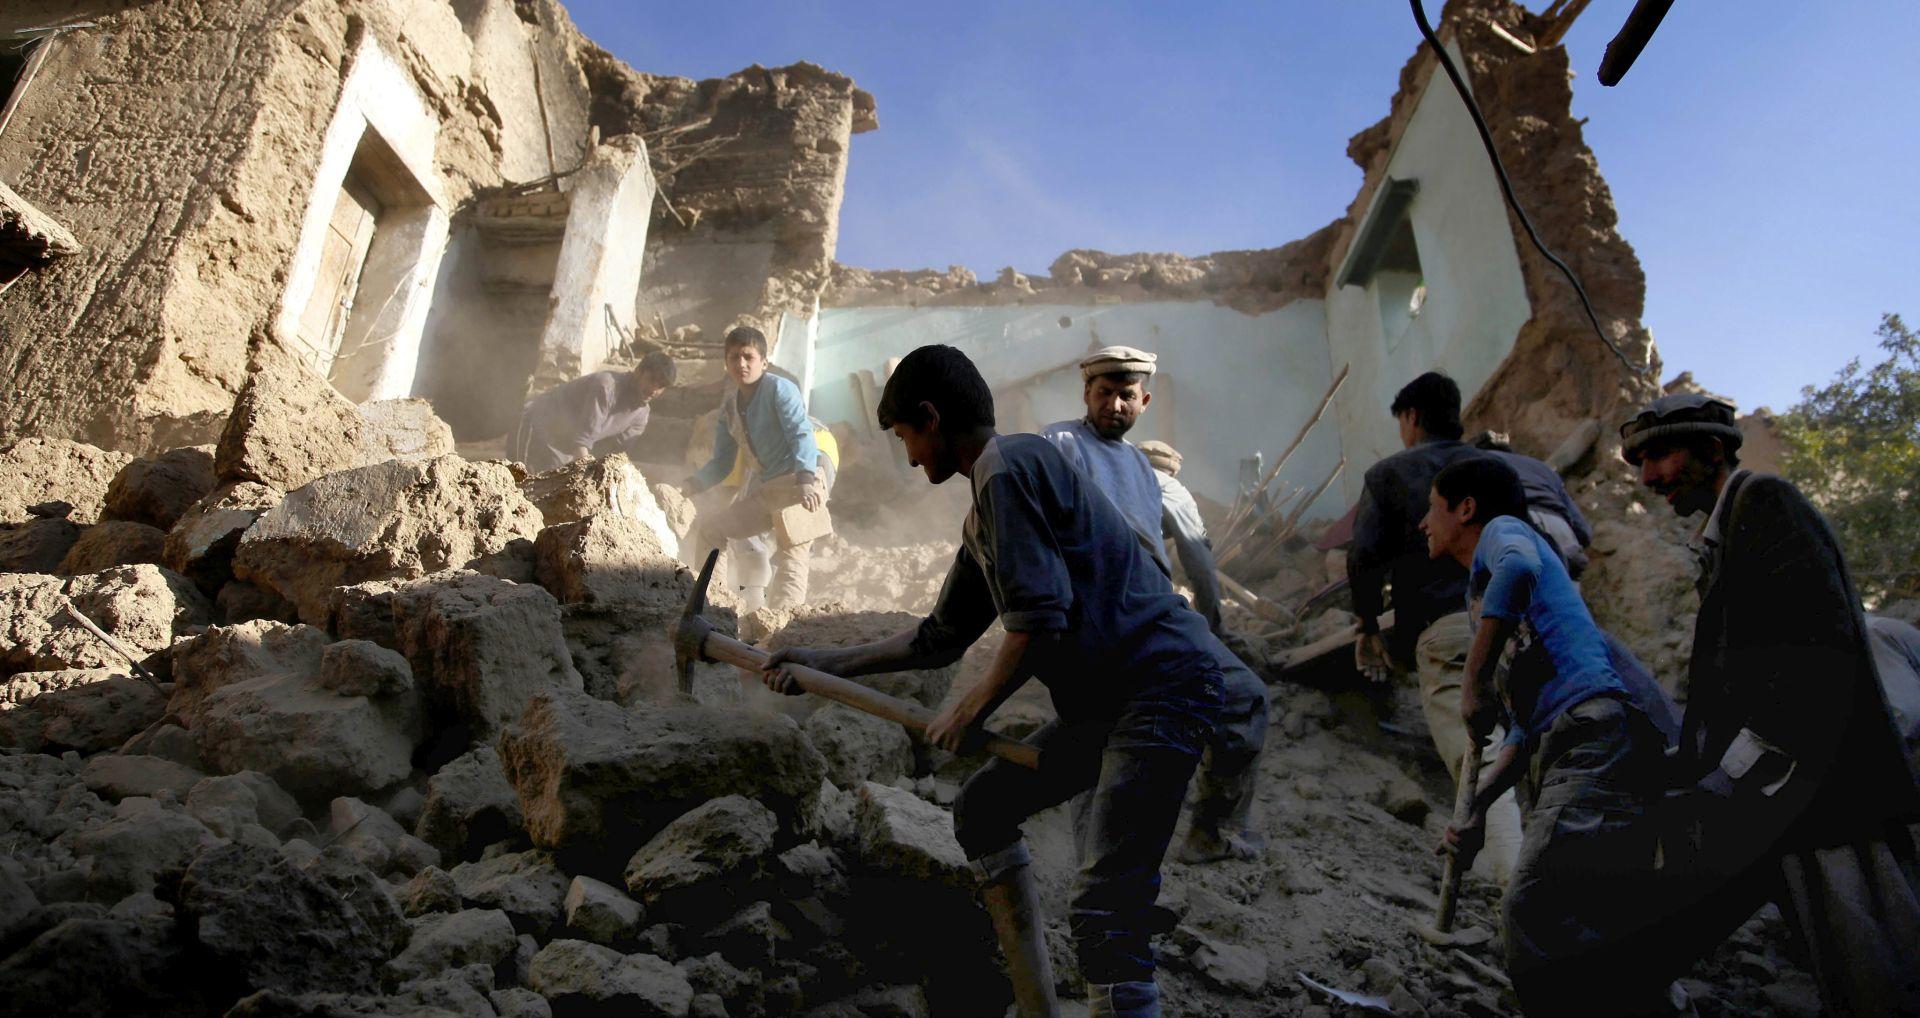 AFGANISTAN Bombaš ubojica raznio se u zračnoj bazi Bagram, najmanje 4 mrtva